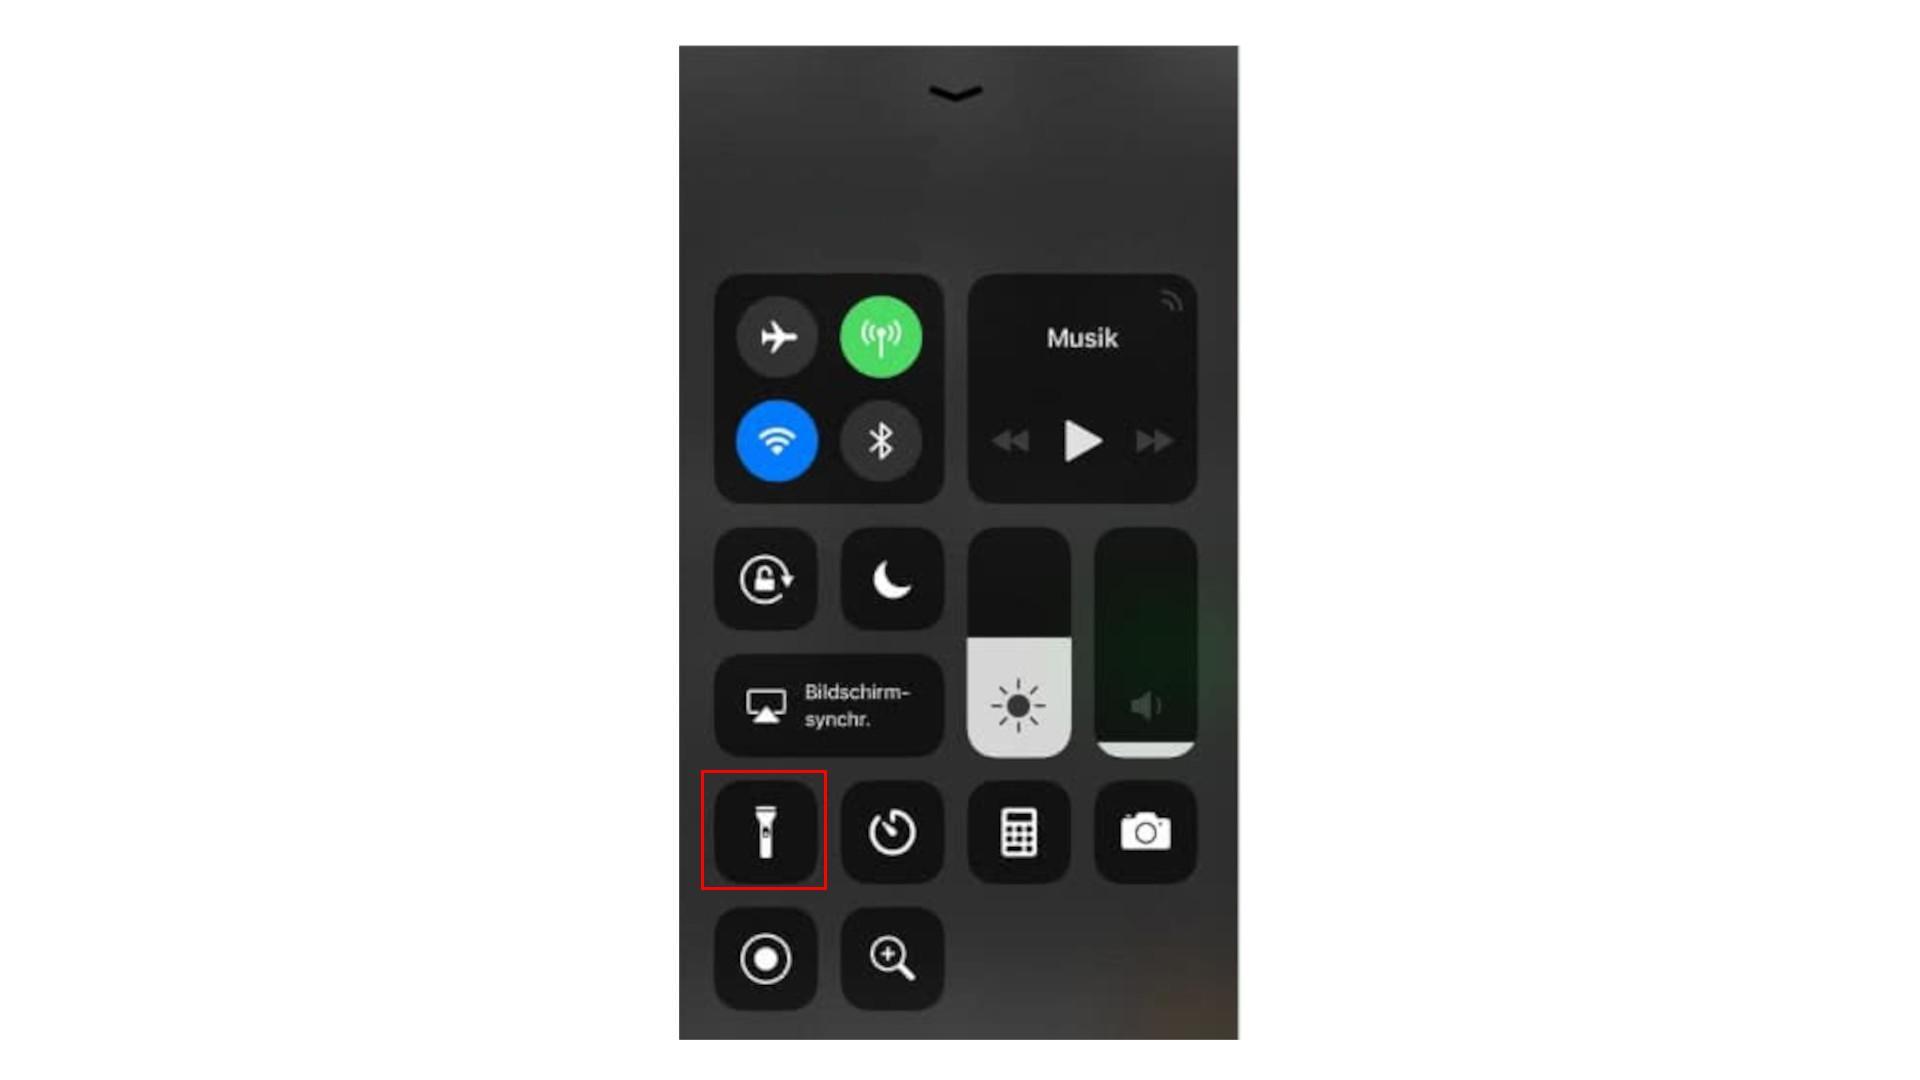 Wenn Sie am iPhone die Taschenlampe ausschalten möchten, können Sie das Kontrollzentrum dafür nutzen.